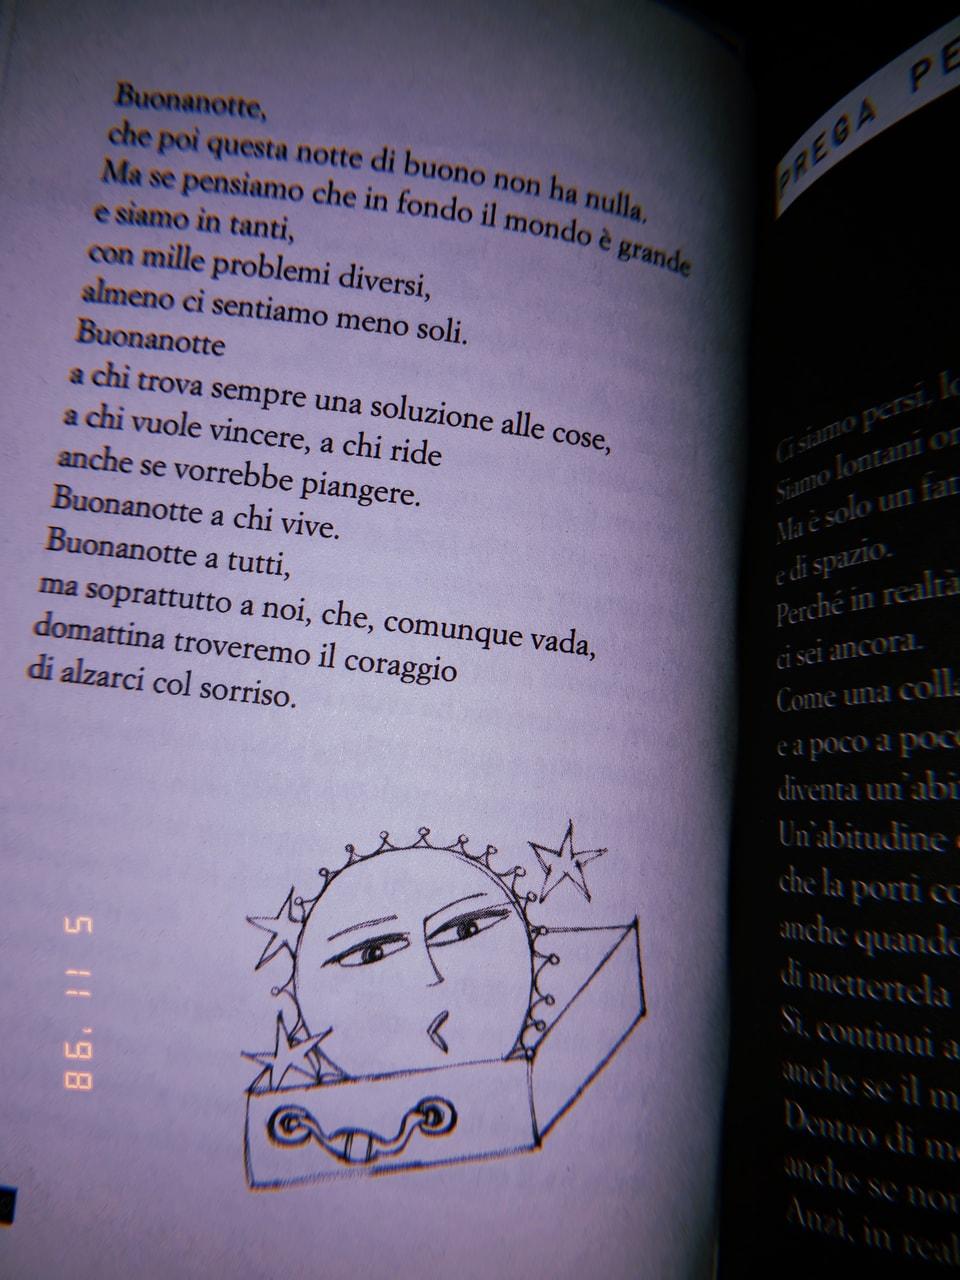 Buonanotte Francesco Sole Discovered By Sara